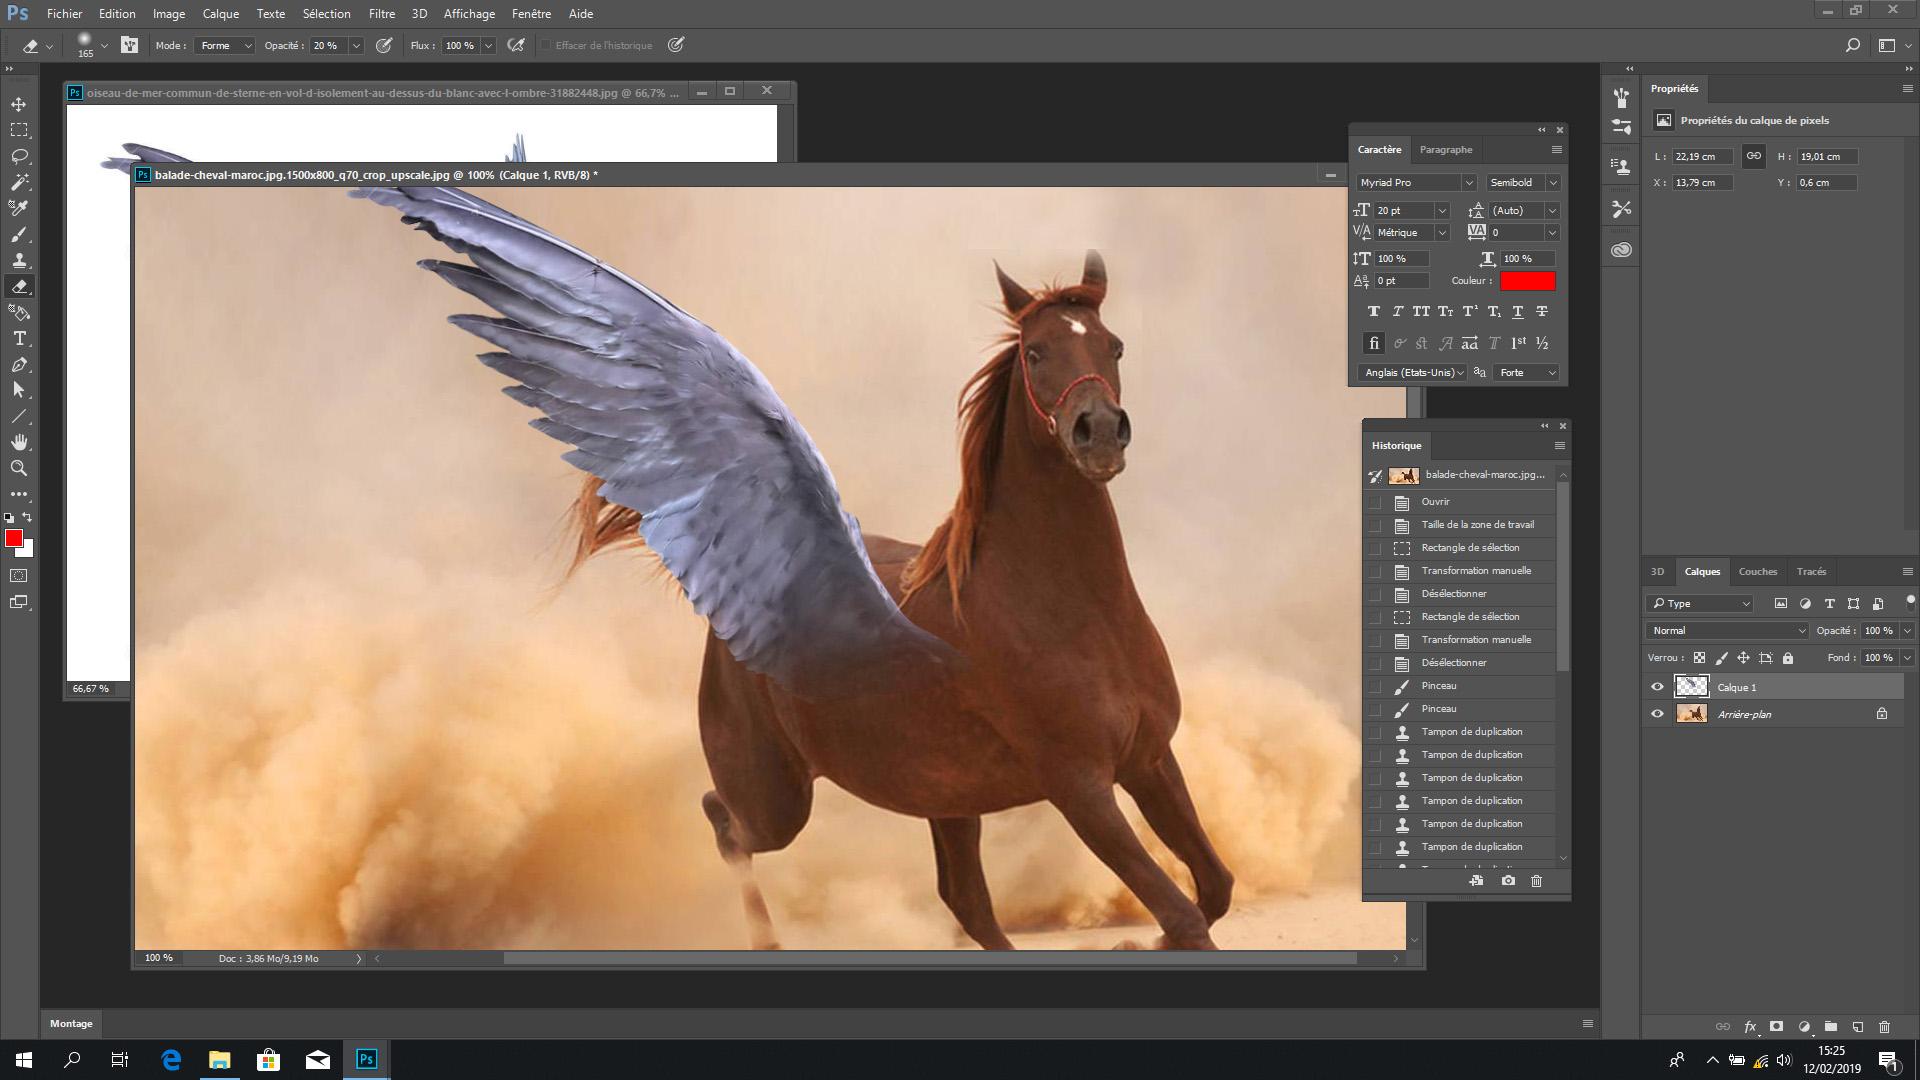 La démarcation n'est plus flagrante entre l'aile et le flanc du cheval. La gomme a fait son petit effet!